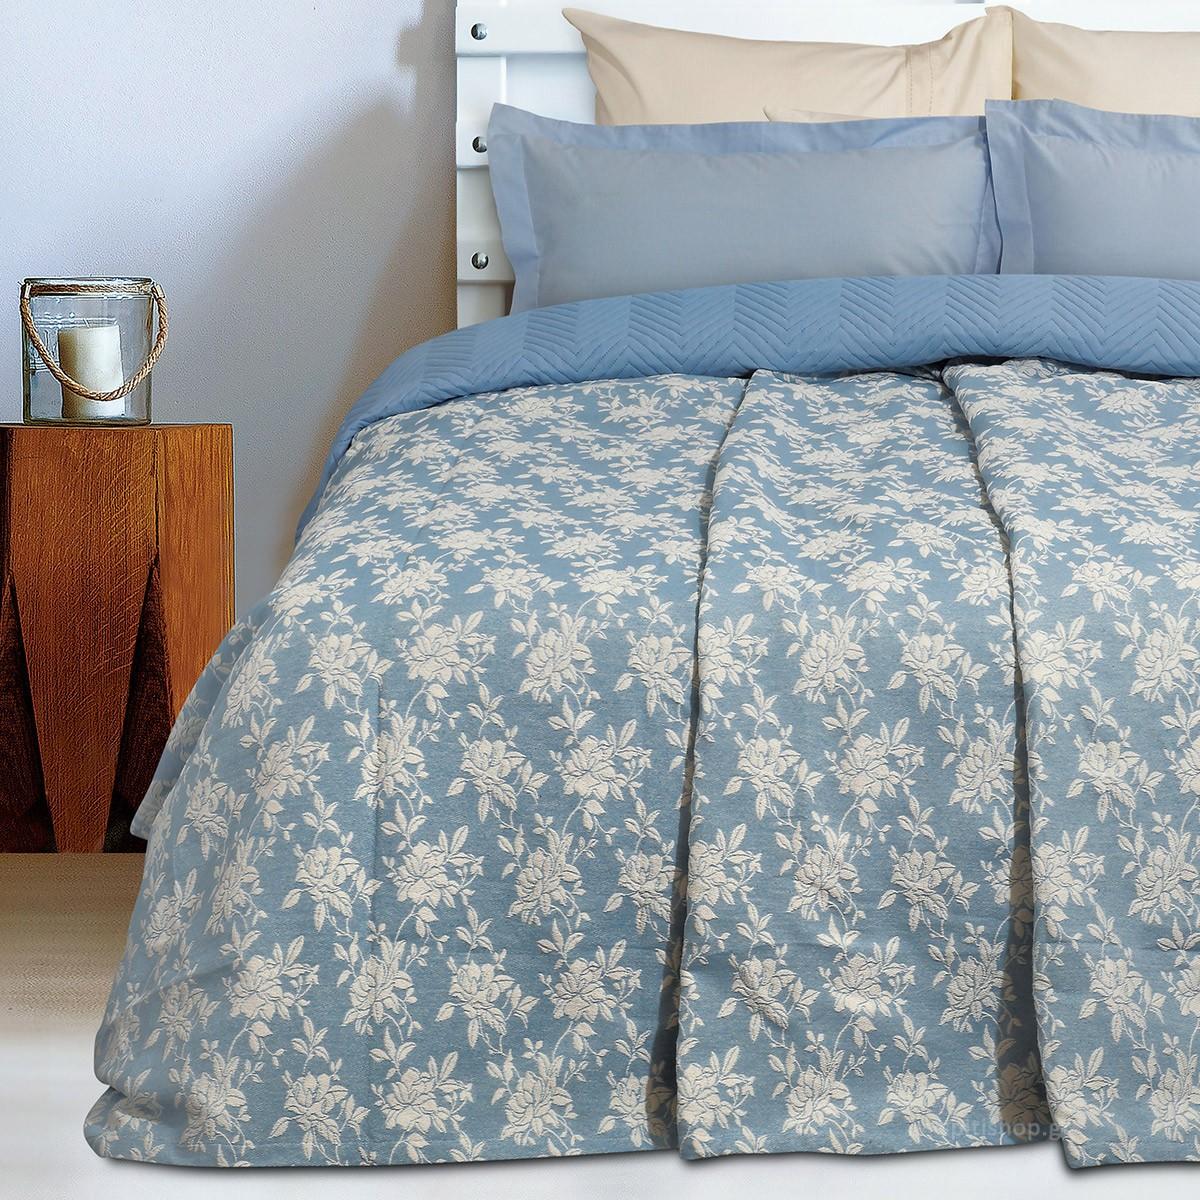 Κουβερτόριο Υπέρδιπλο Das Home Blanket Line 412 89826